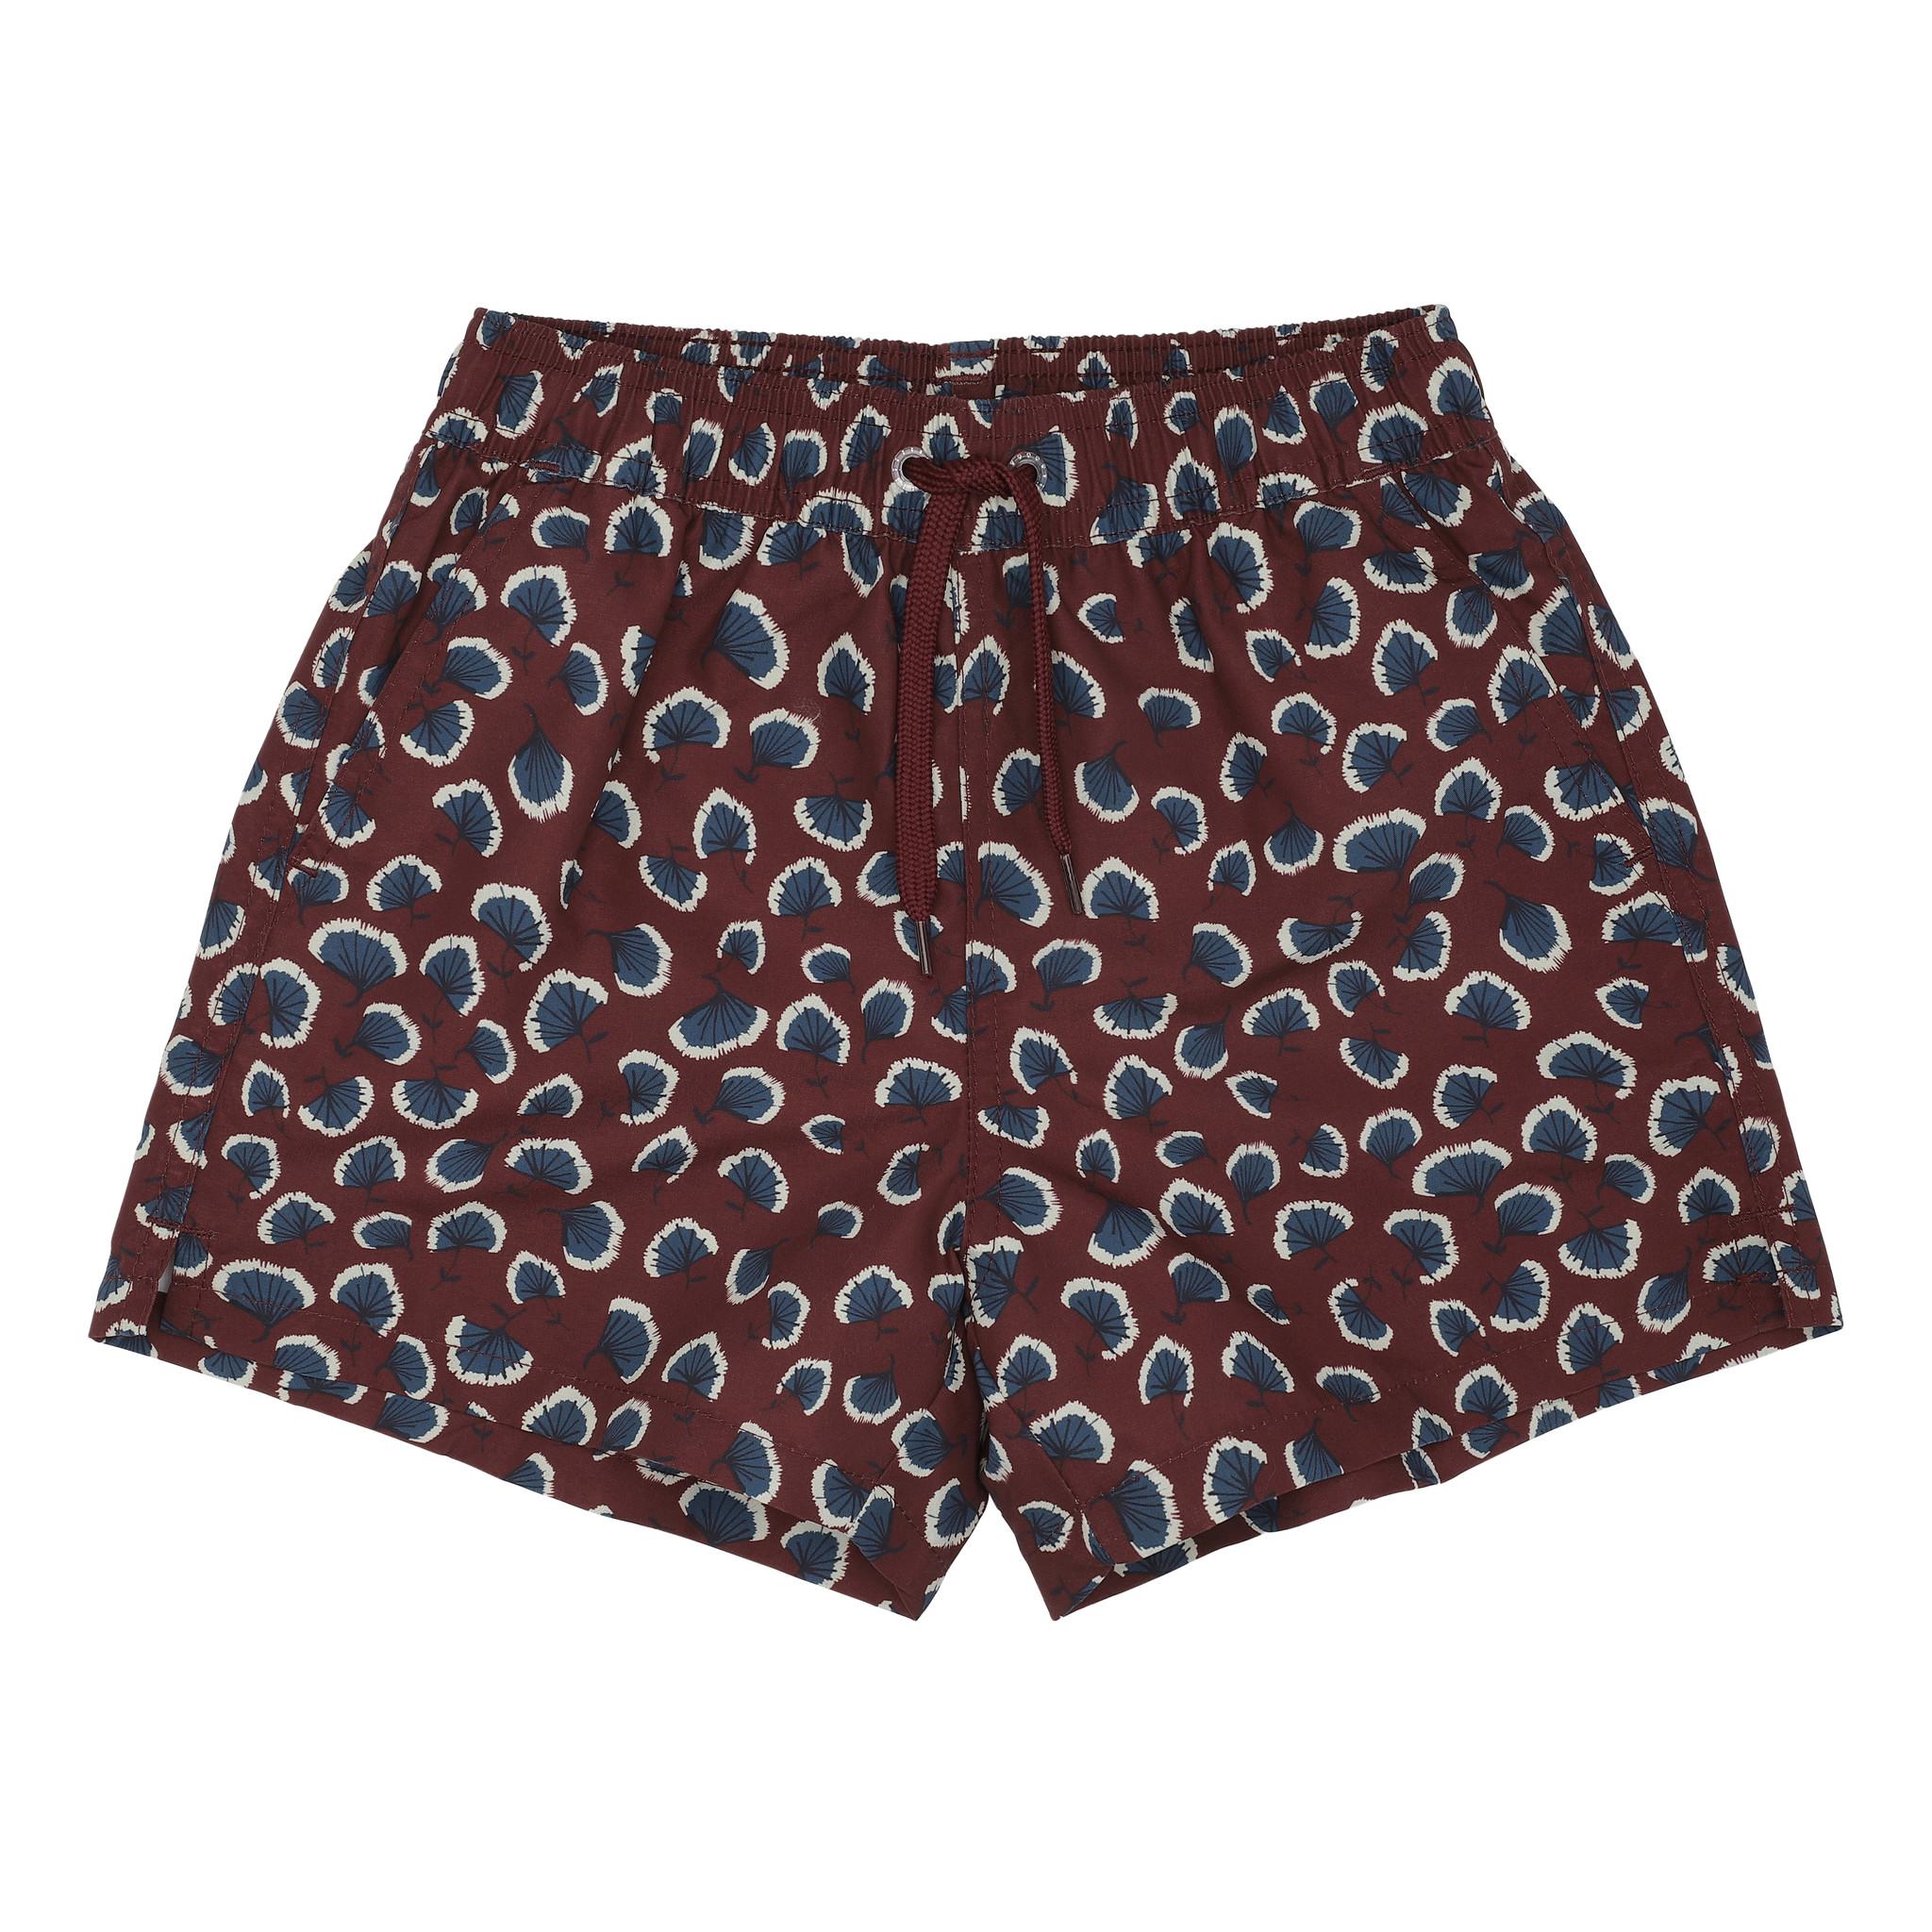 Dandy swimpants - Russet Brown / AOP Coral-1